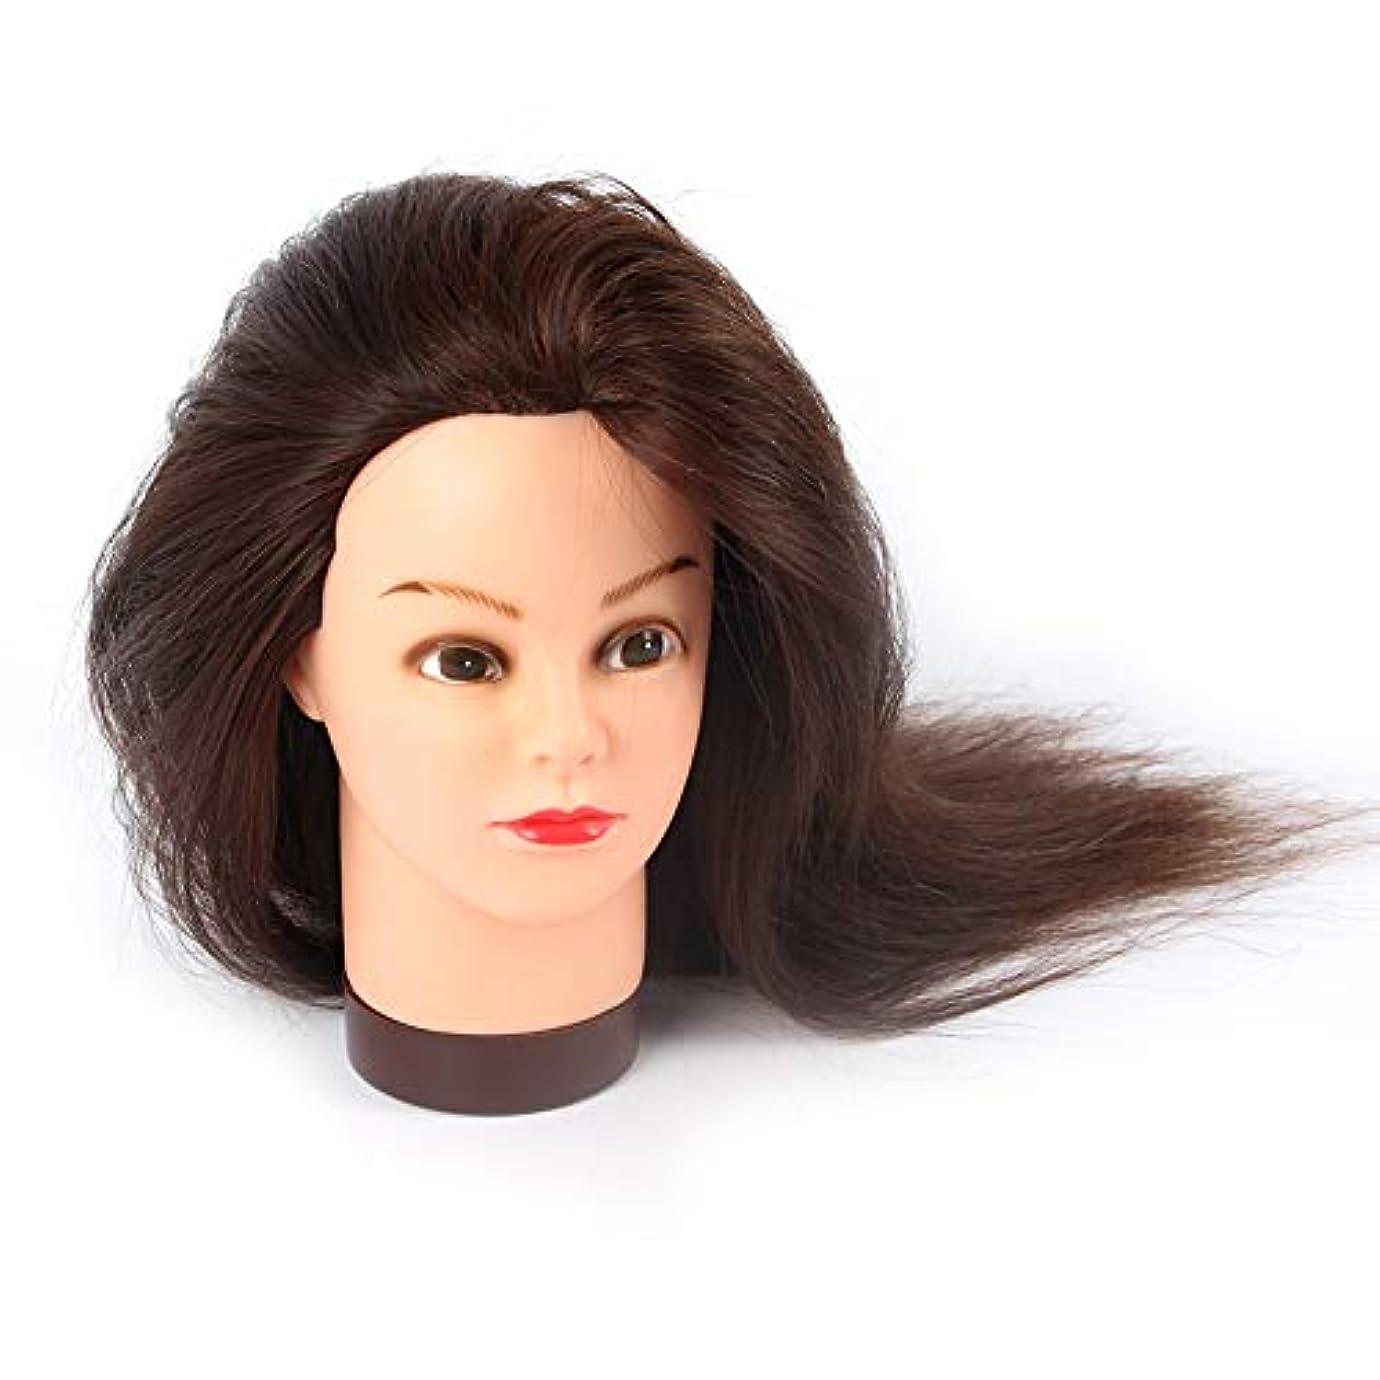 登山家消す電気陽性花嫁メイクモデリング教育ヘッド本物の人物ヘアダミーヘッドモデル理髪店学習パーマ髪染めモデルヘッド